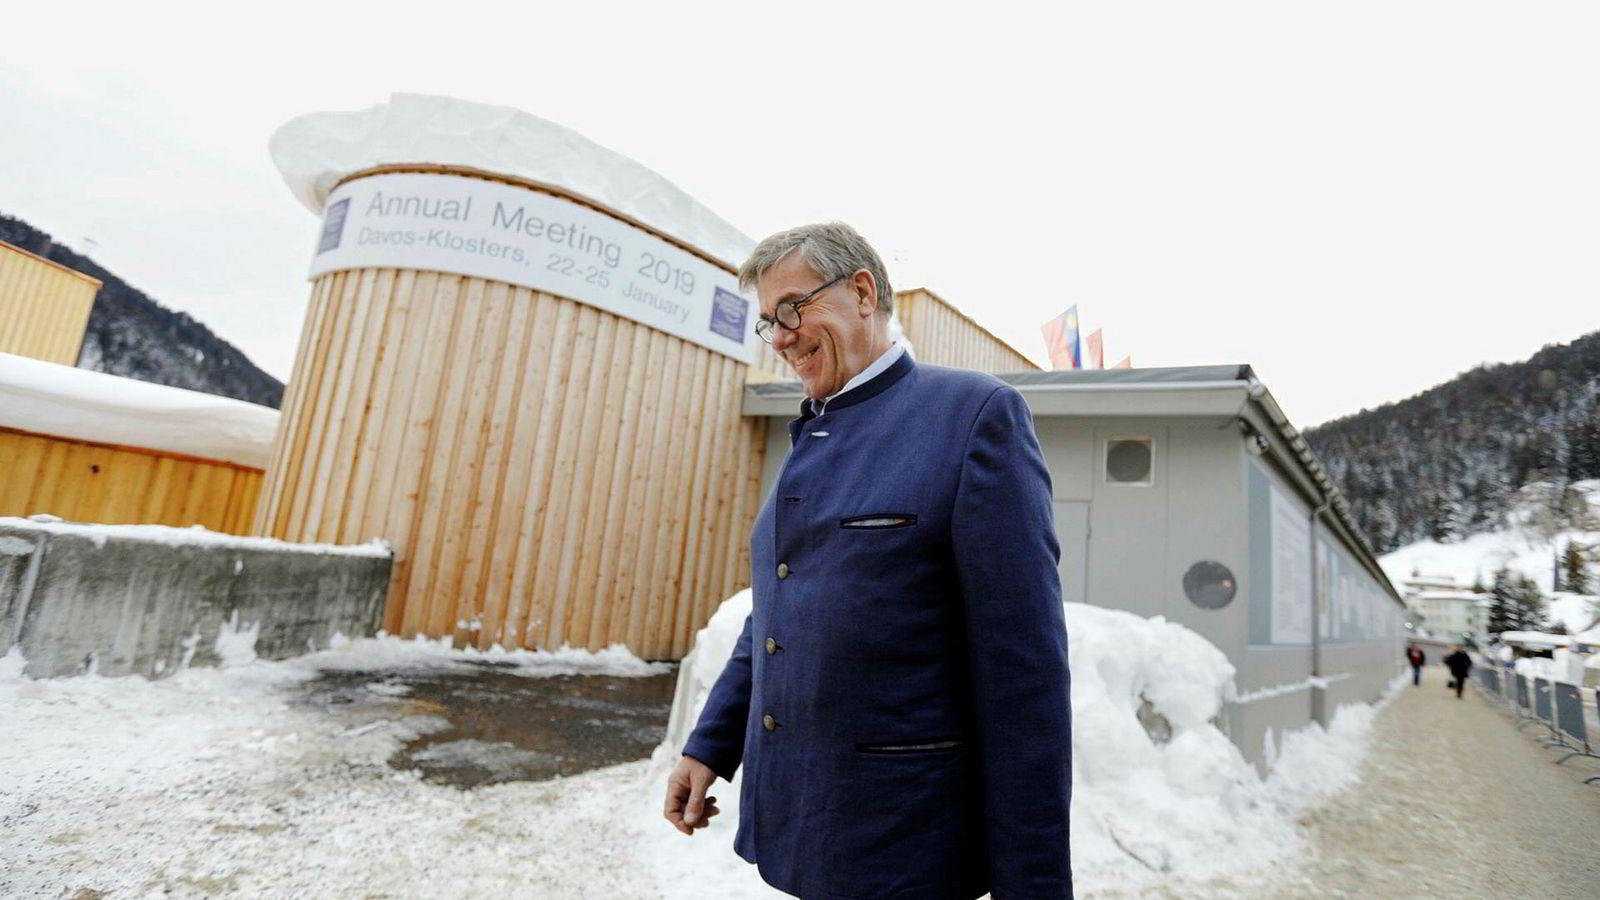 Stein Erik Hagen er på World Economic Forum i Davos for å delta i en rekke lukkede møter, blant annet med andre store familieselskaper og med andre styreledere. Hans to døtre Camilla Hagen Sørlie og Caroline Hagen Kjos er også til stede, med formelle oppgaver under arrangementet.